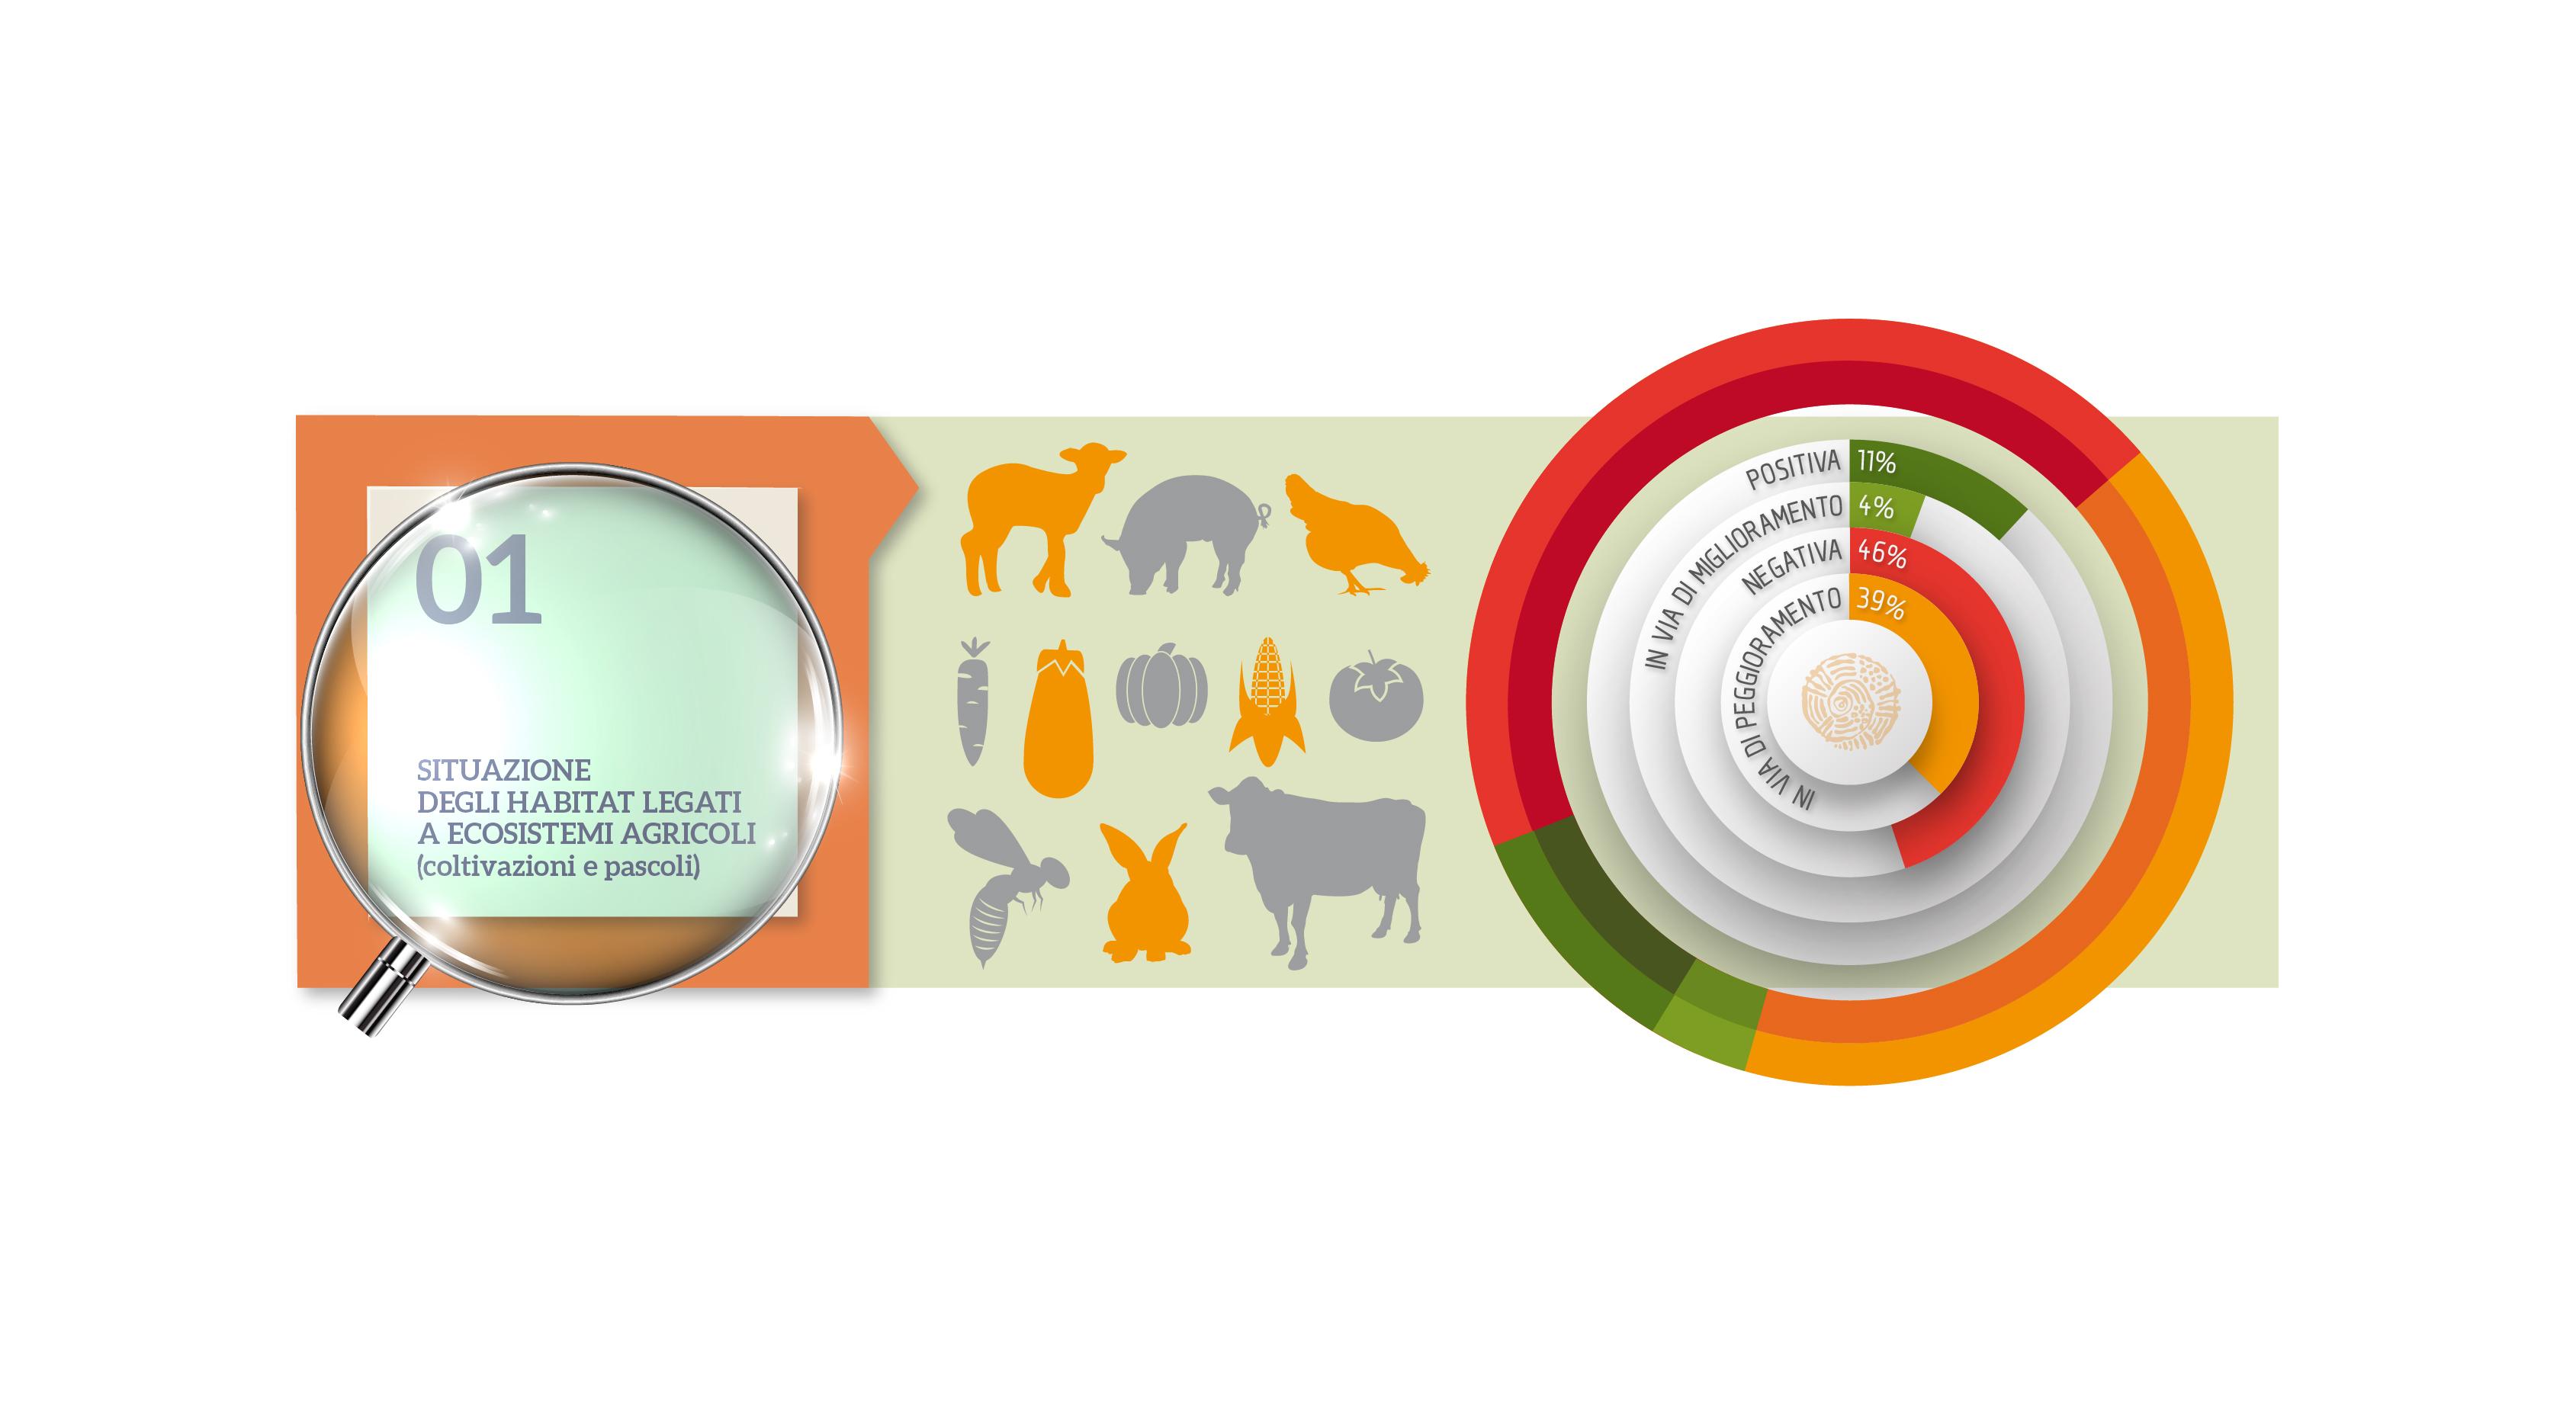 Habitat ed ecosistemi agricoli: a che punto siamo?